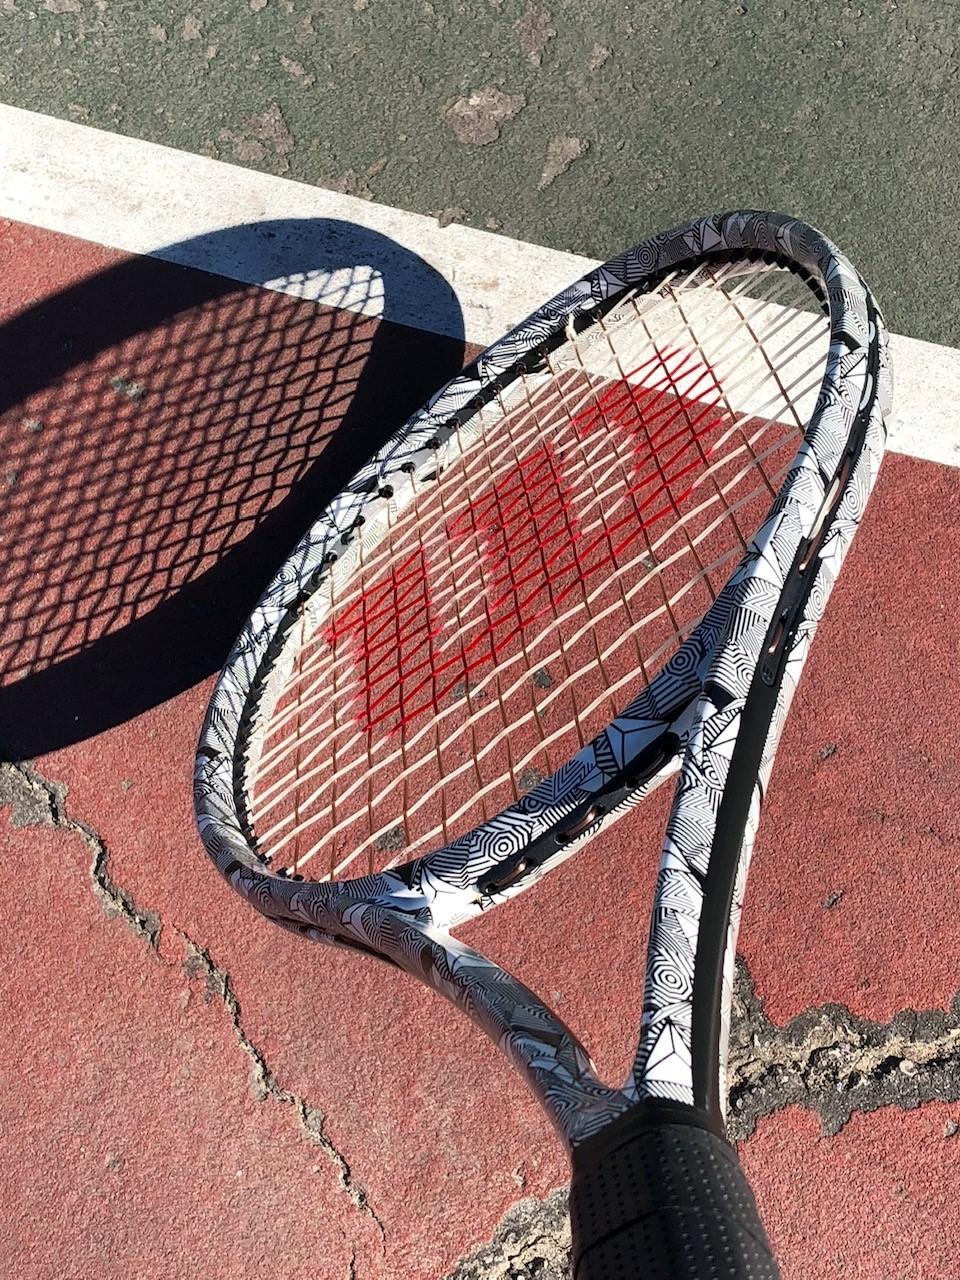 Clash Racquet: Wilson's Newest Tennis Racquet | Tennisthis com